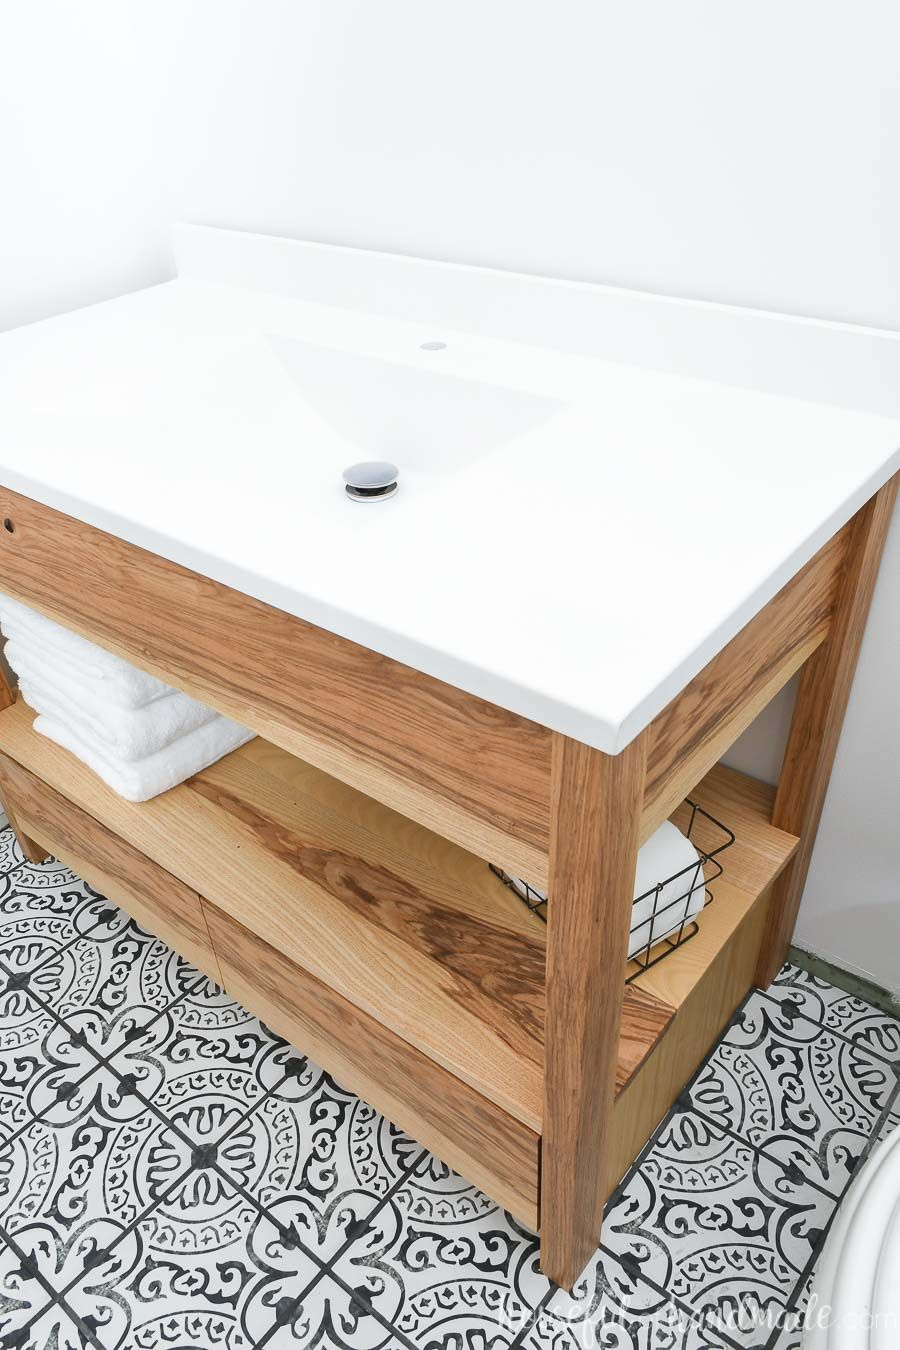 Diy Bathroom Vanity With Bottom Drawers Modern Bathroom Vanity Bathroom Vanity Drawers Diy Bathroom Vanity [ 1350 x 900 Pixel ]